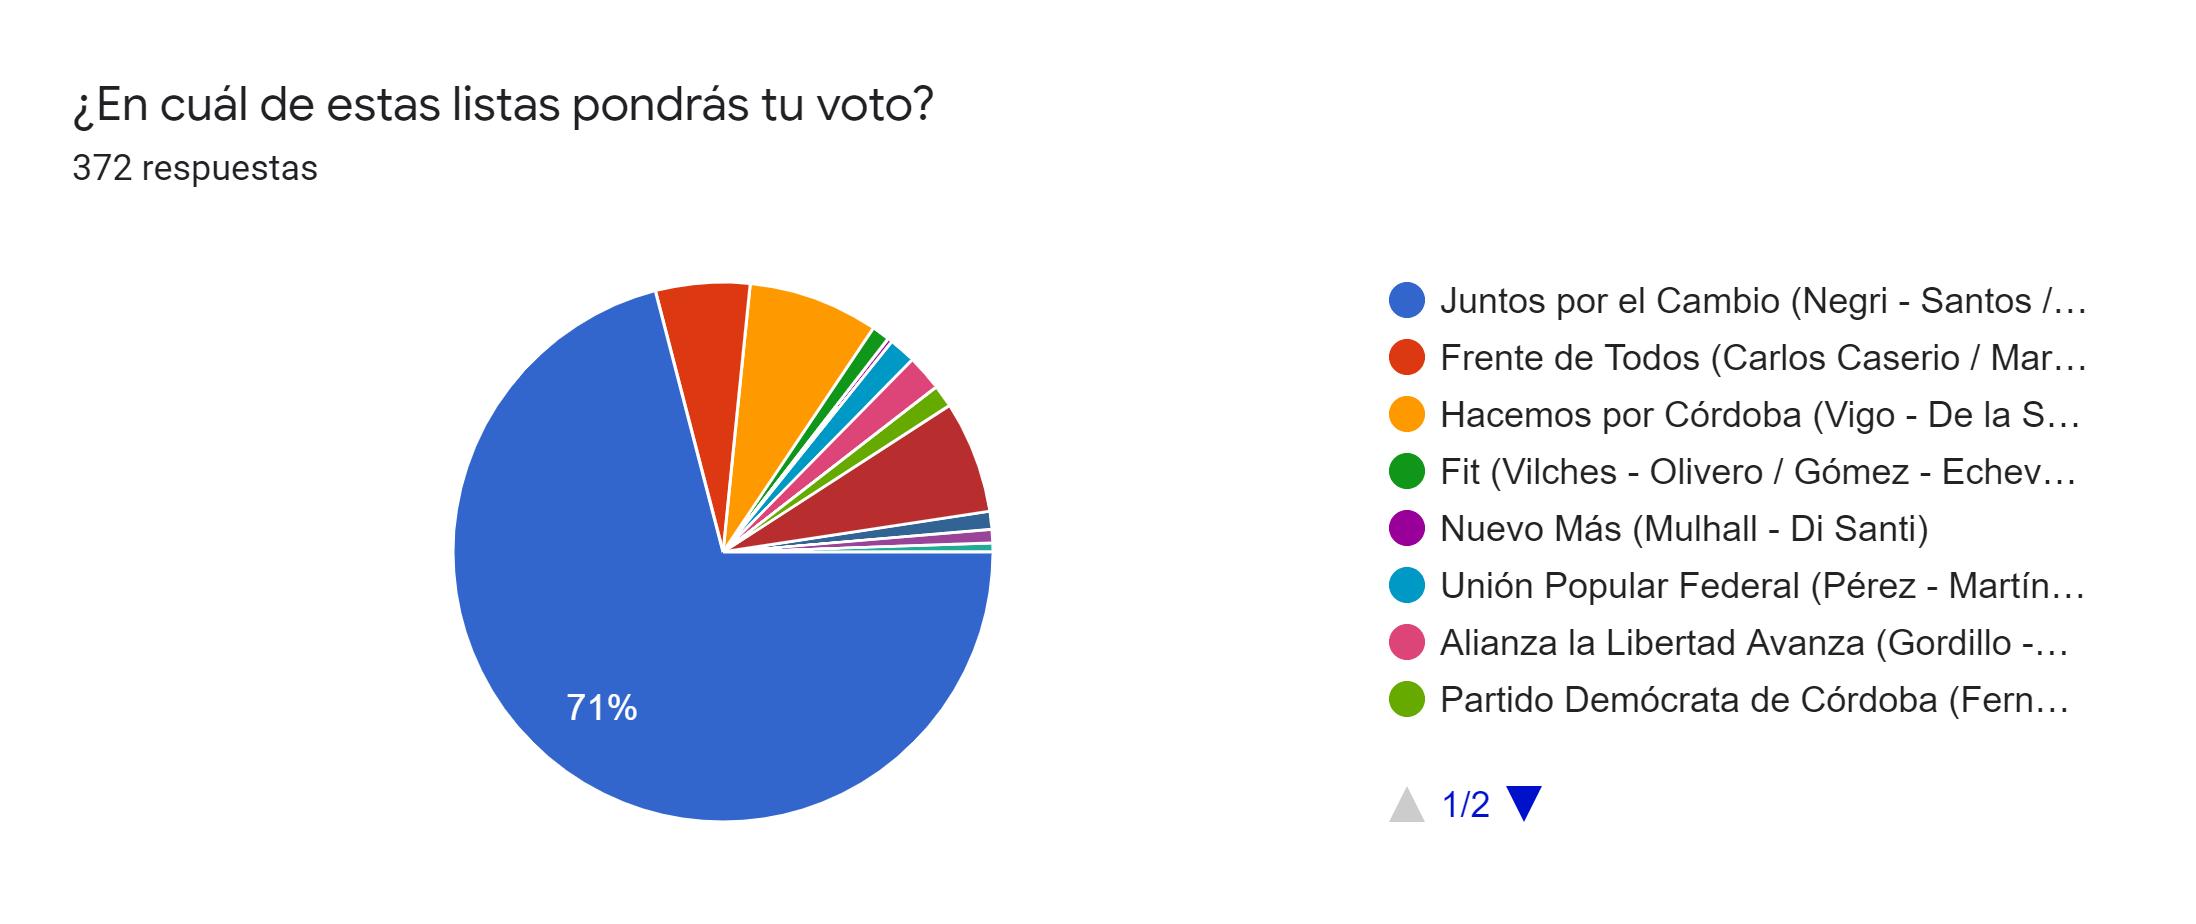 Gráfico de respuestas de formularios. Título de la pregunta:¿En cuál de estas listas pondrás tu voto?. Número de respuestas:372 respuestas.